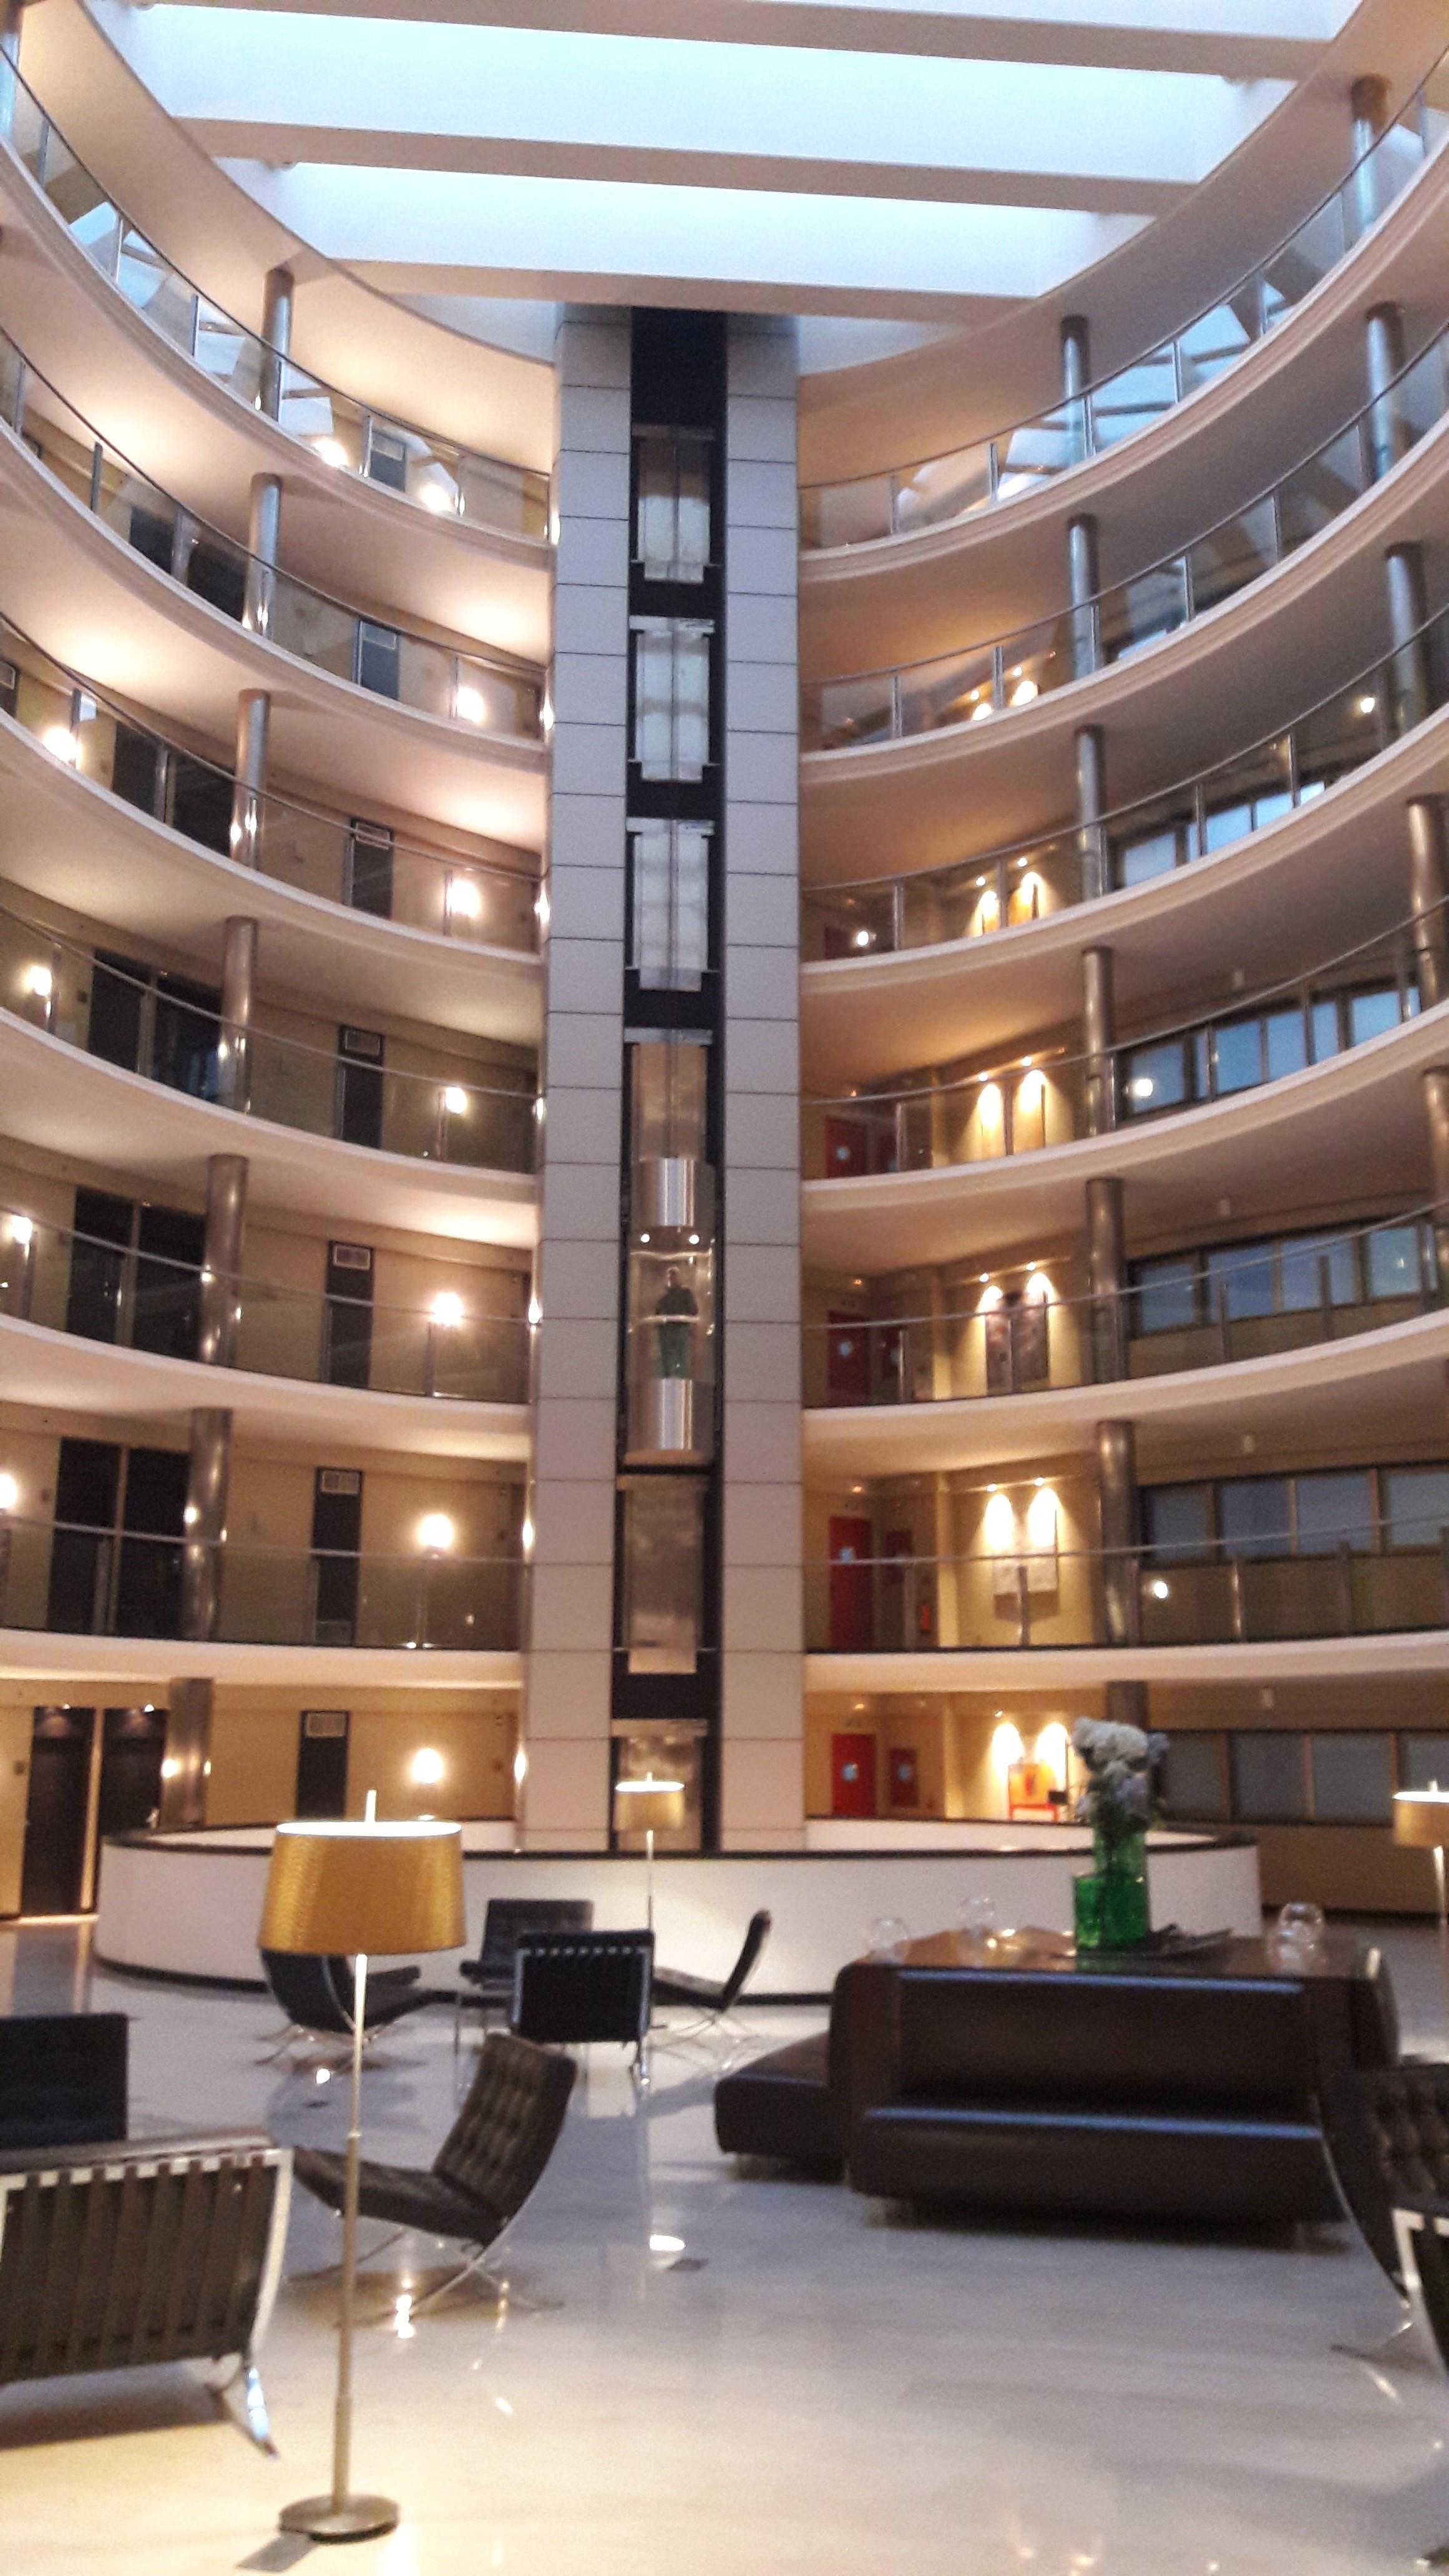 coruna-attica21-hotel-inner-courtyard-apr17